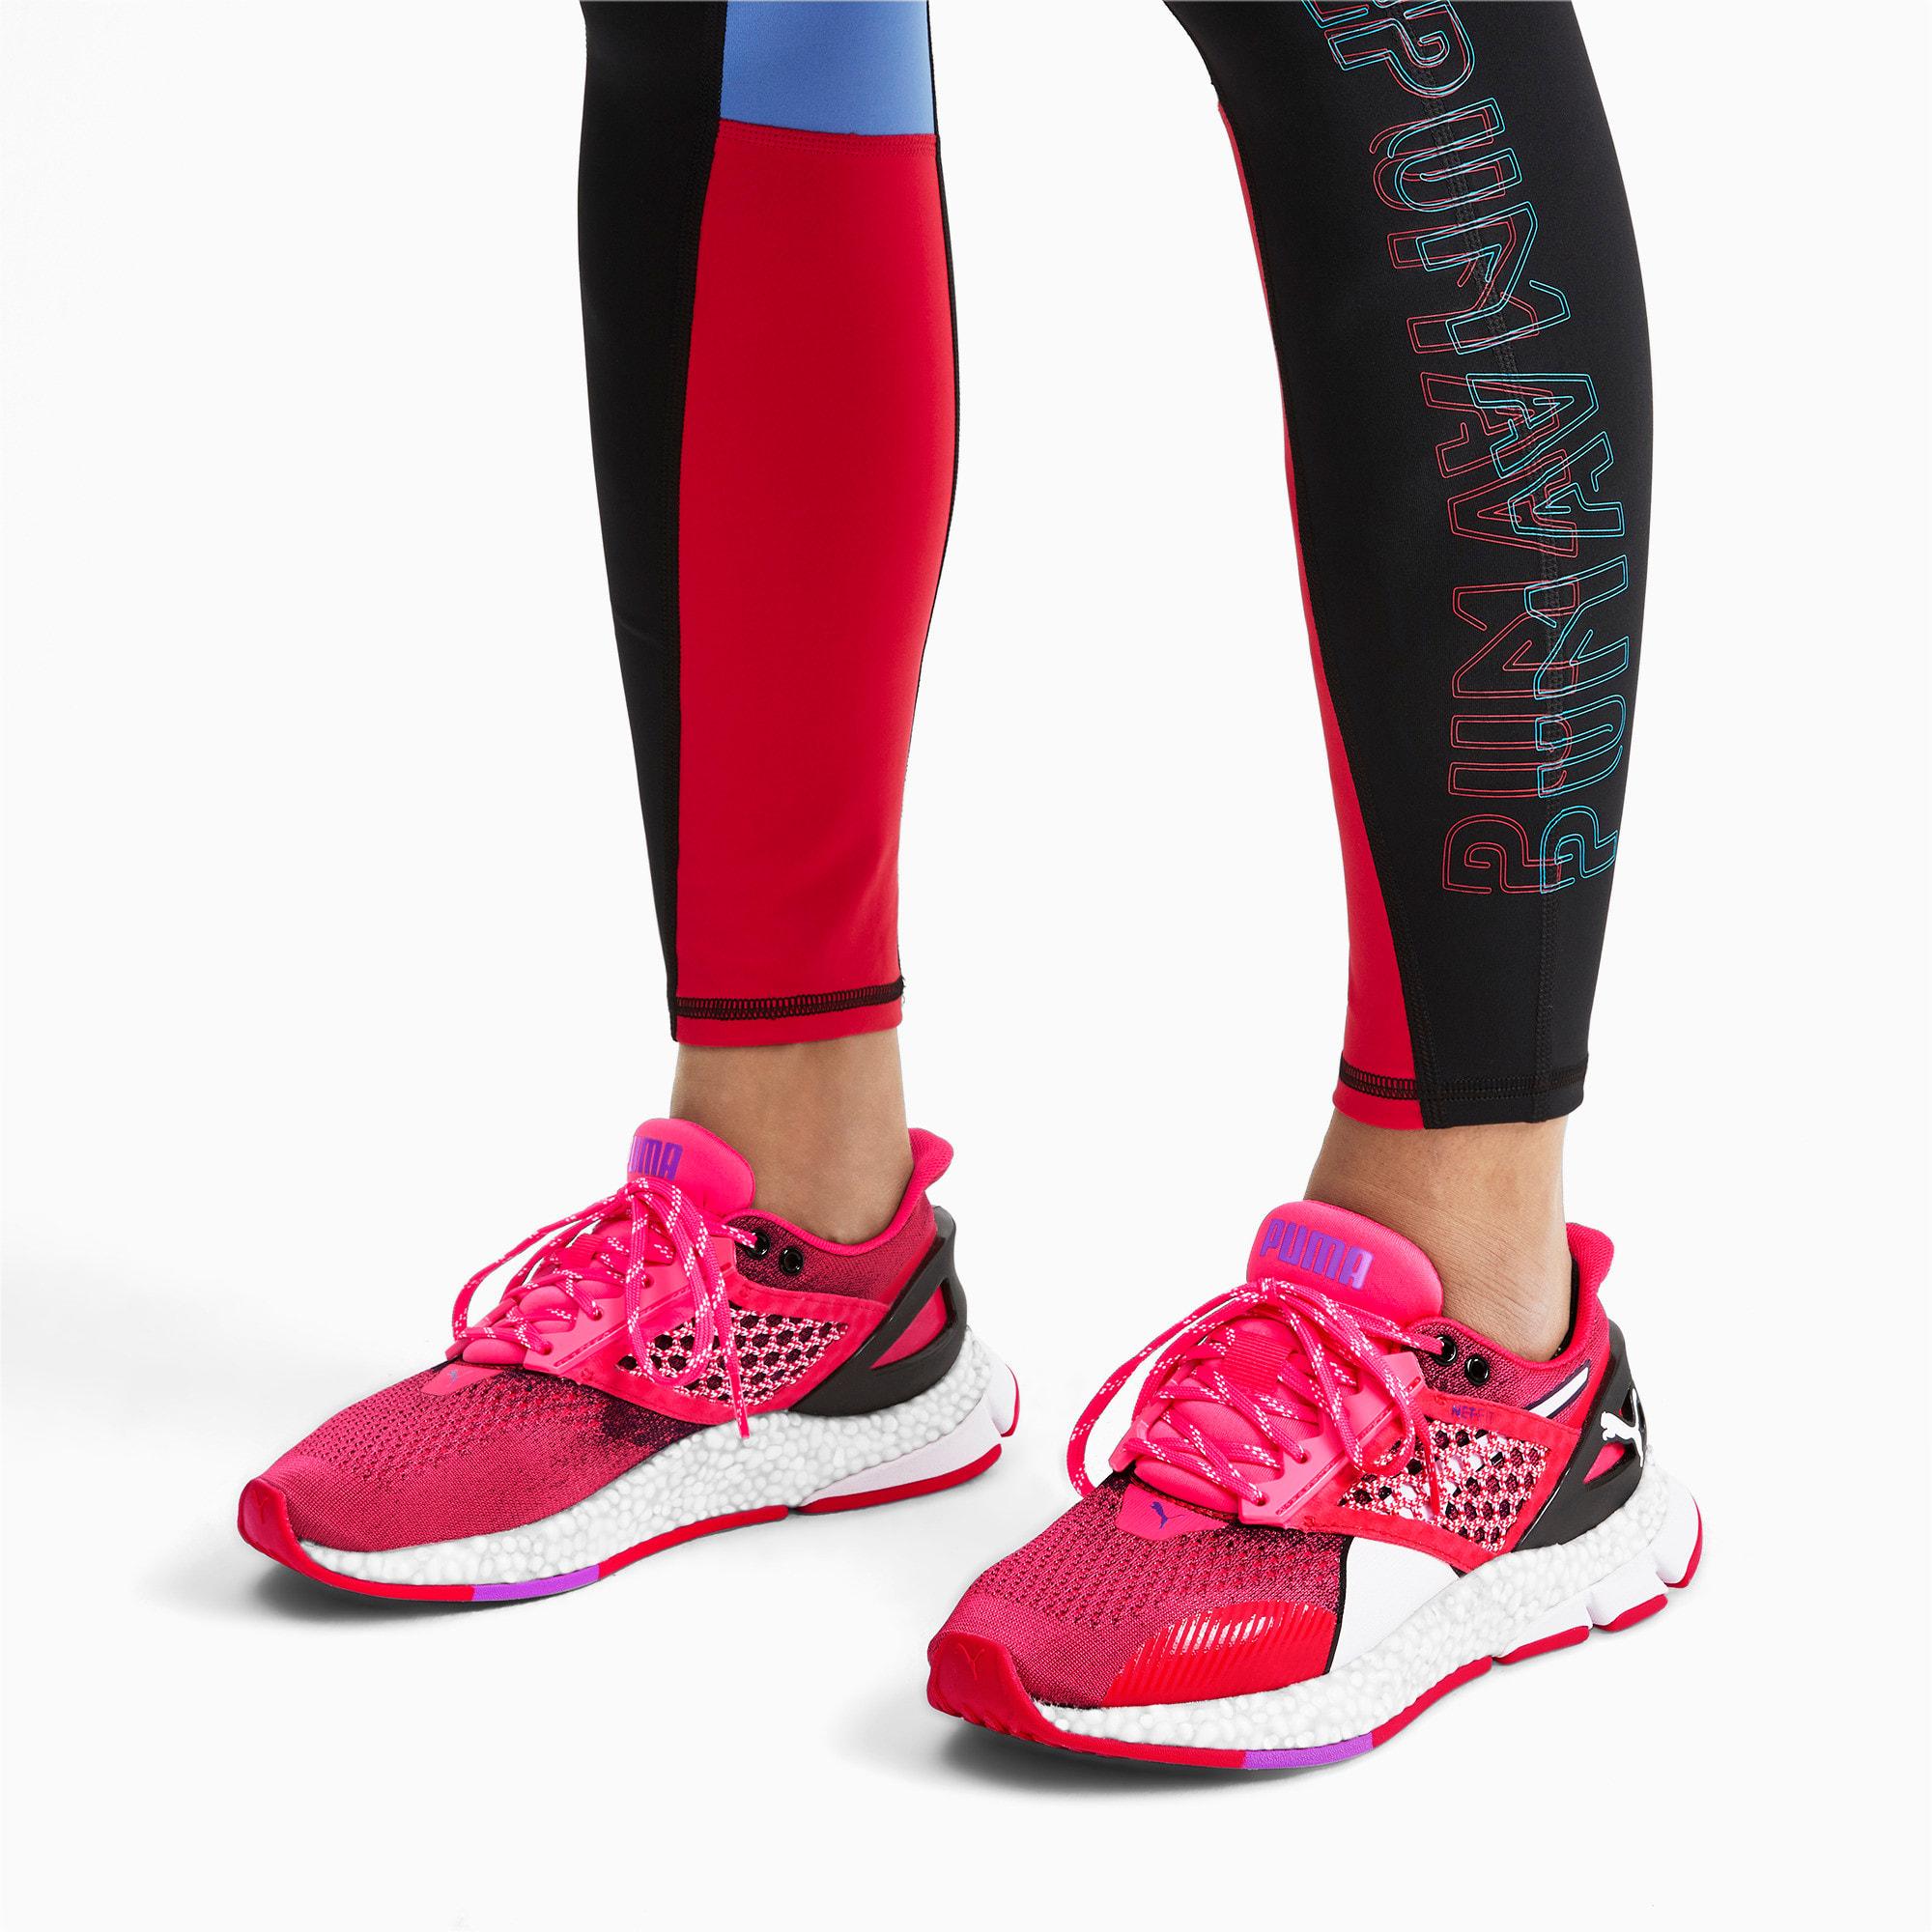 Thumbnail 2 of Chaussure de course HYBRID NETFIT Astro pour femme, Nrgy Rose-Puma Black, medium